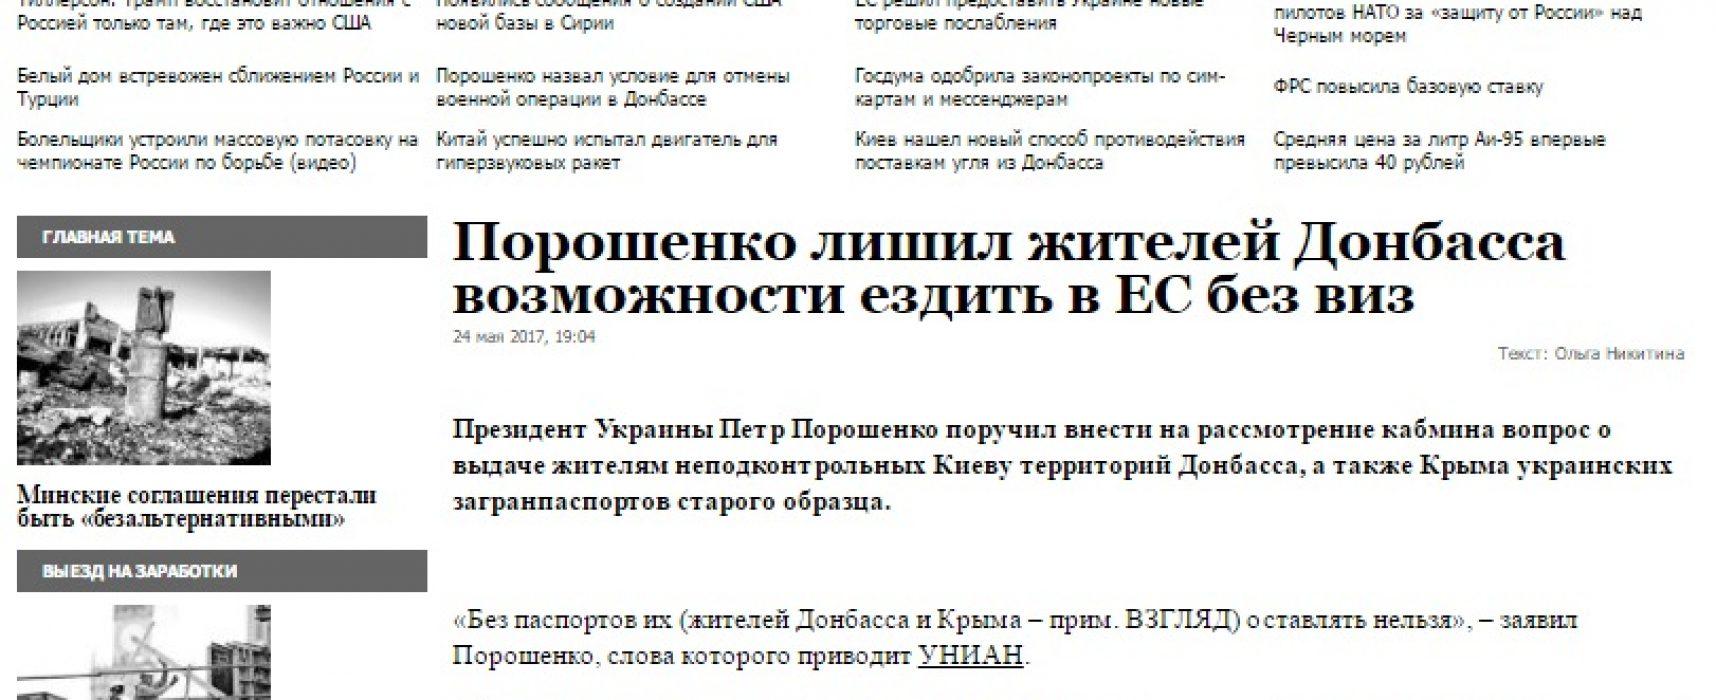 Fake: Obyvatelé Krymu a Donbasu nedostanou biometrické pasy